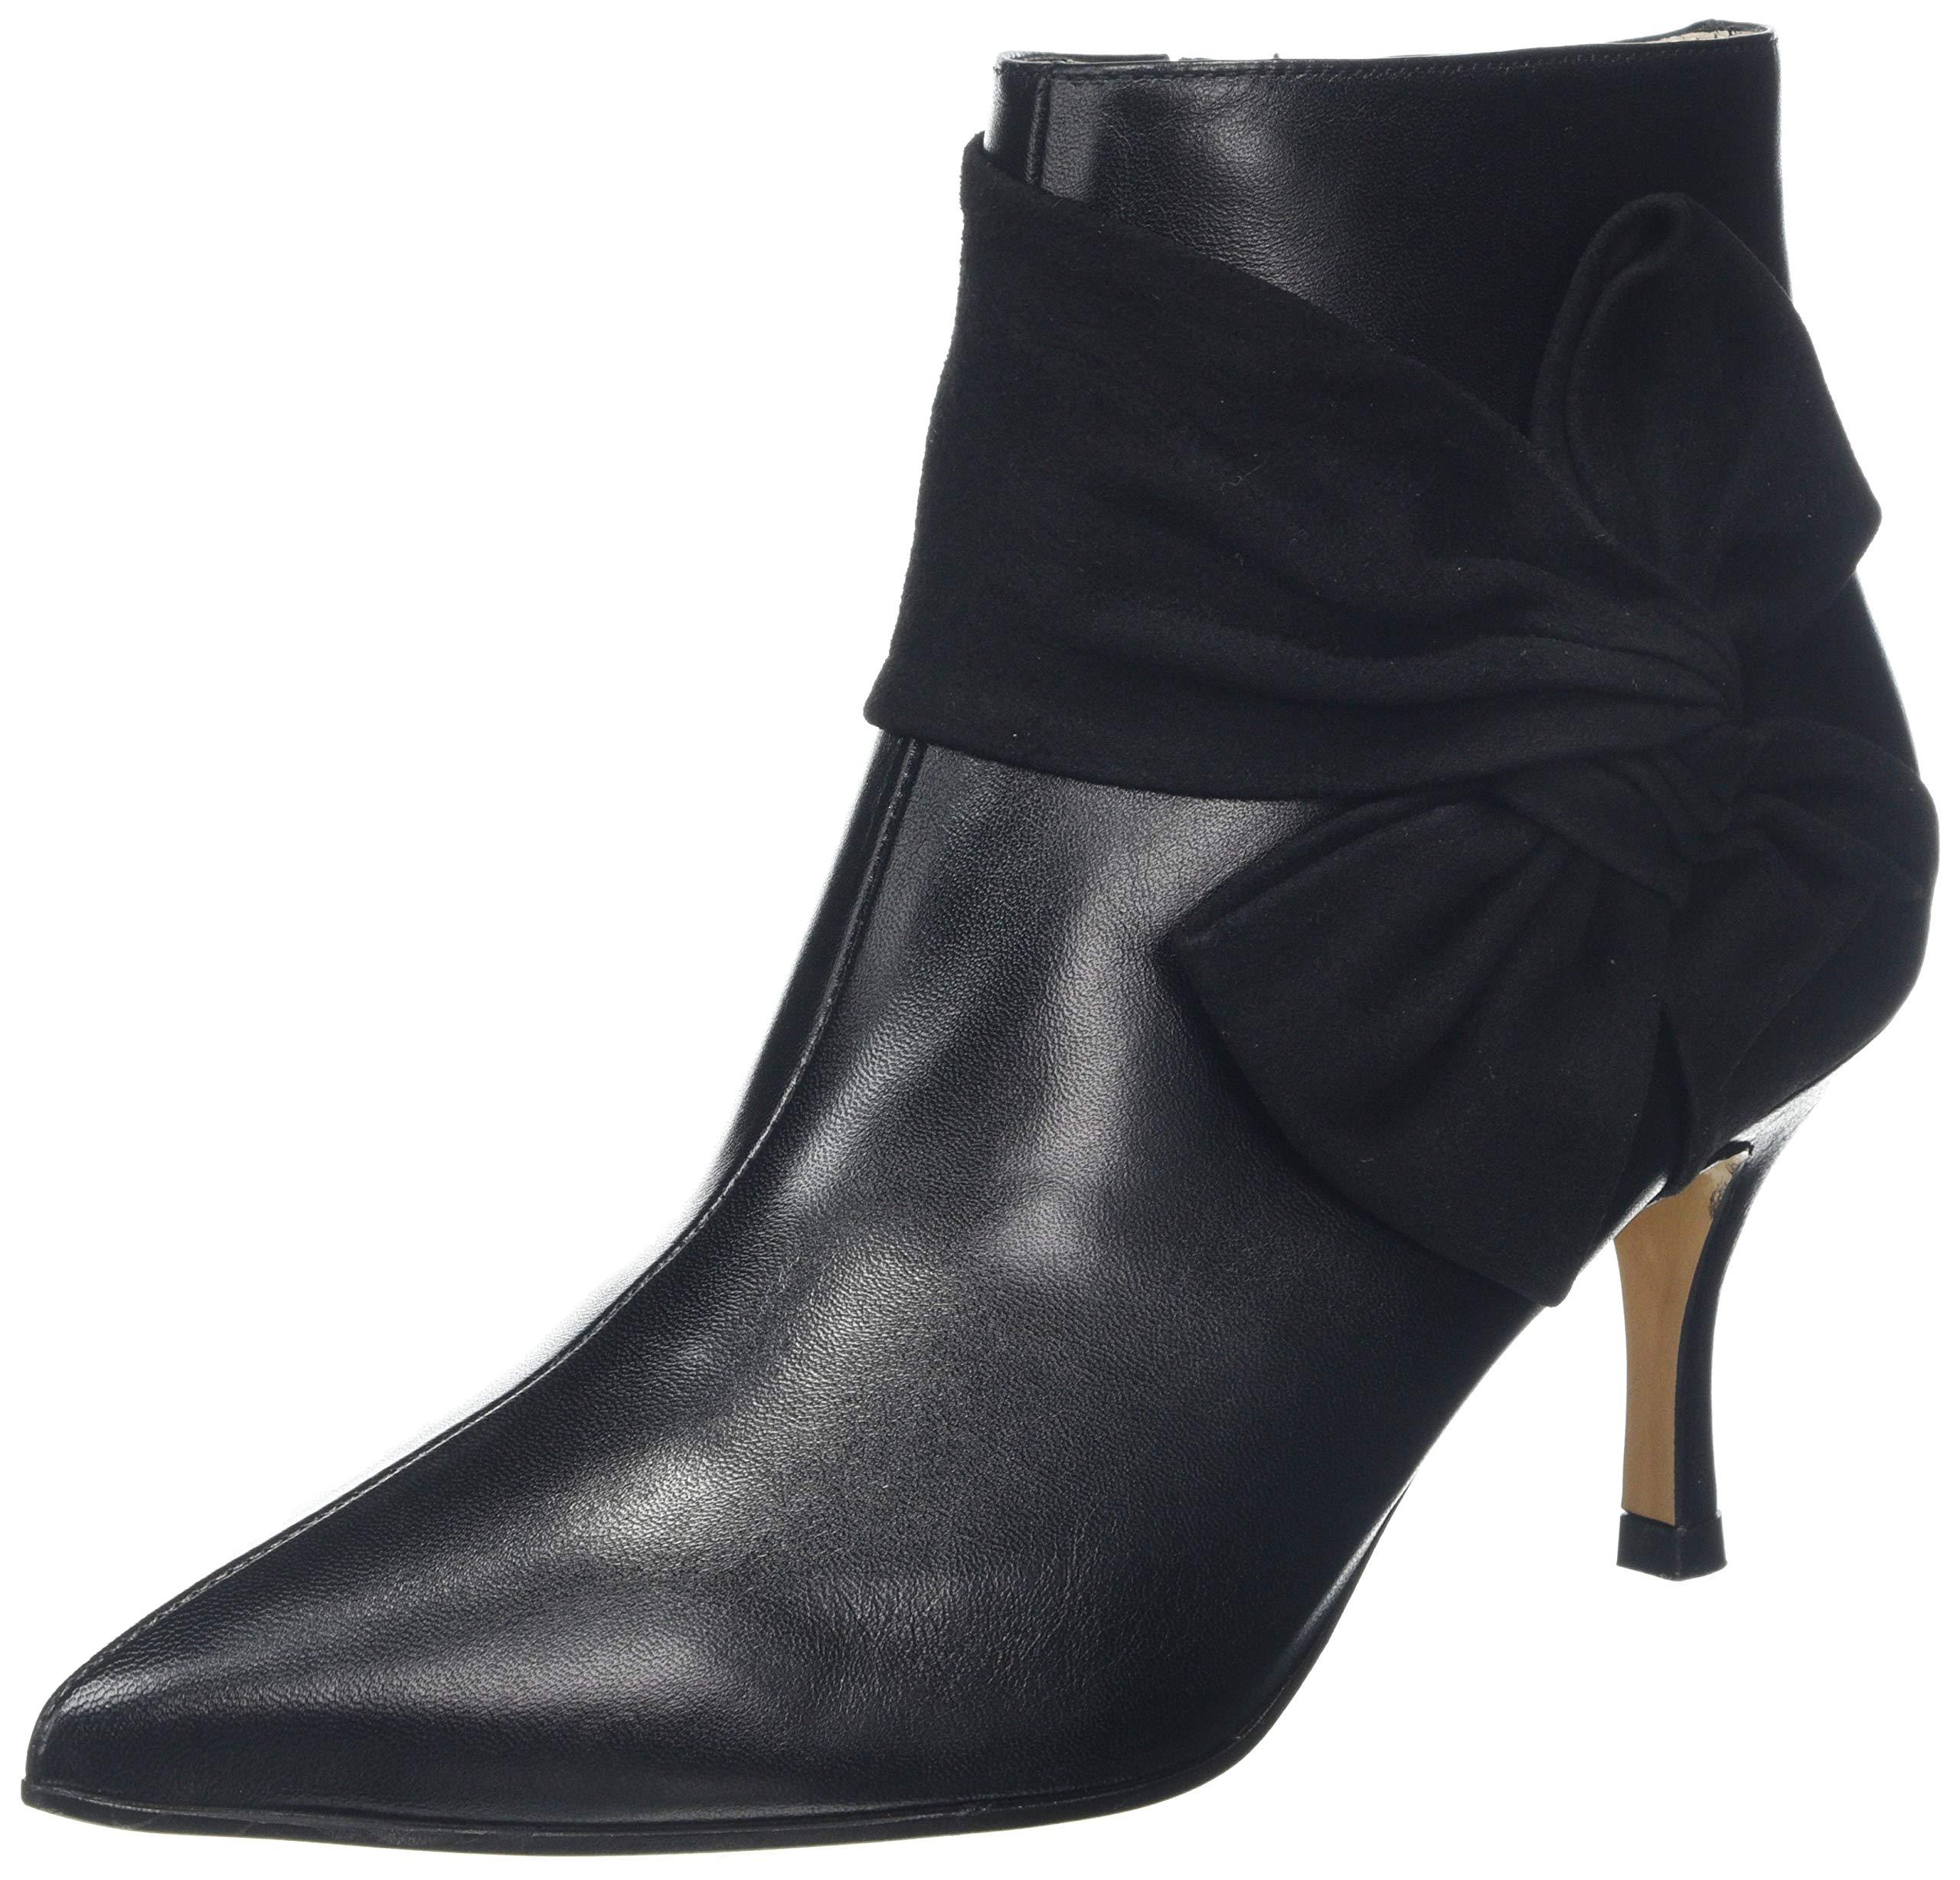 FemmeNoir Negro40 Eu Classiques Lodi EsinBottes Glove A4RjLq53